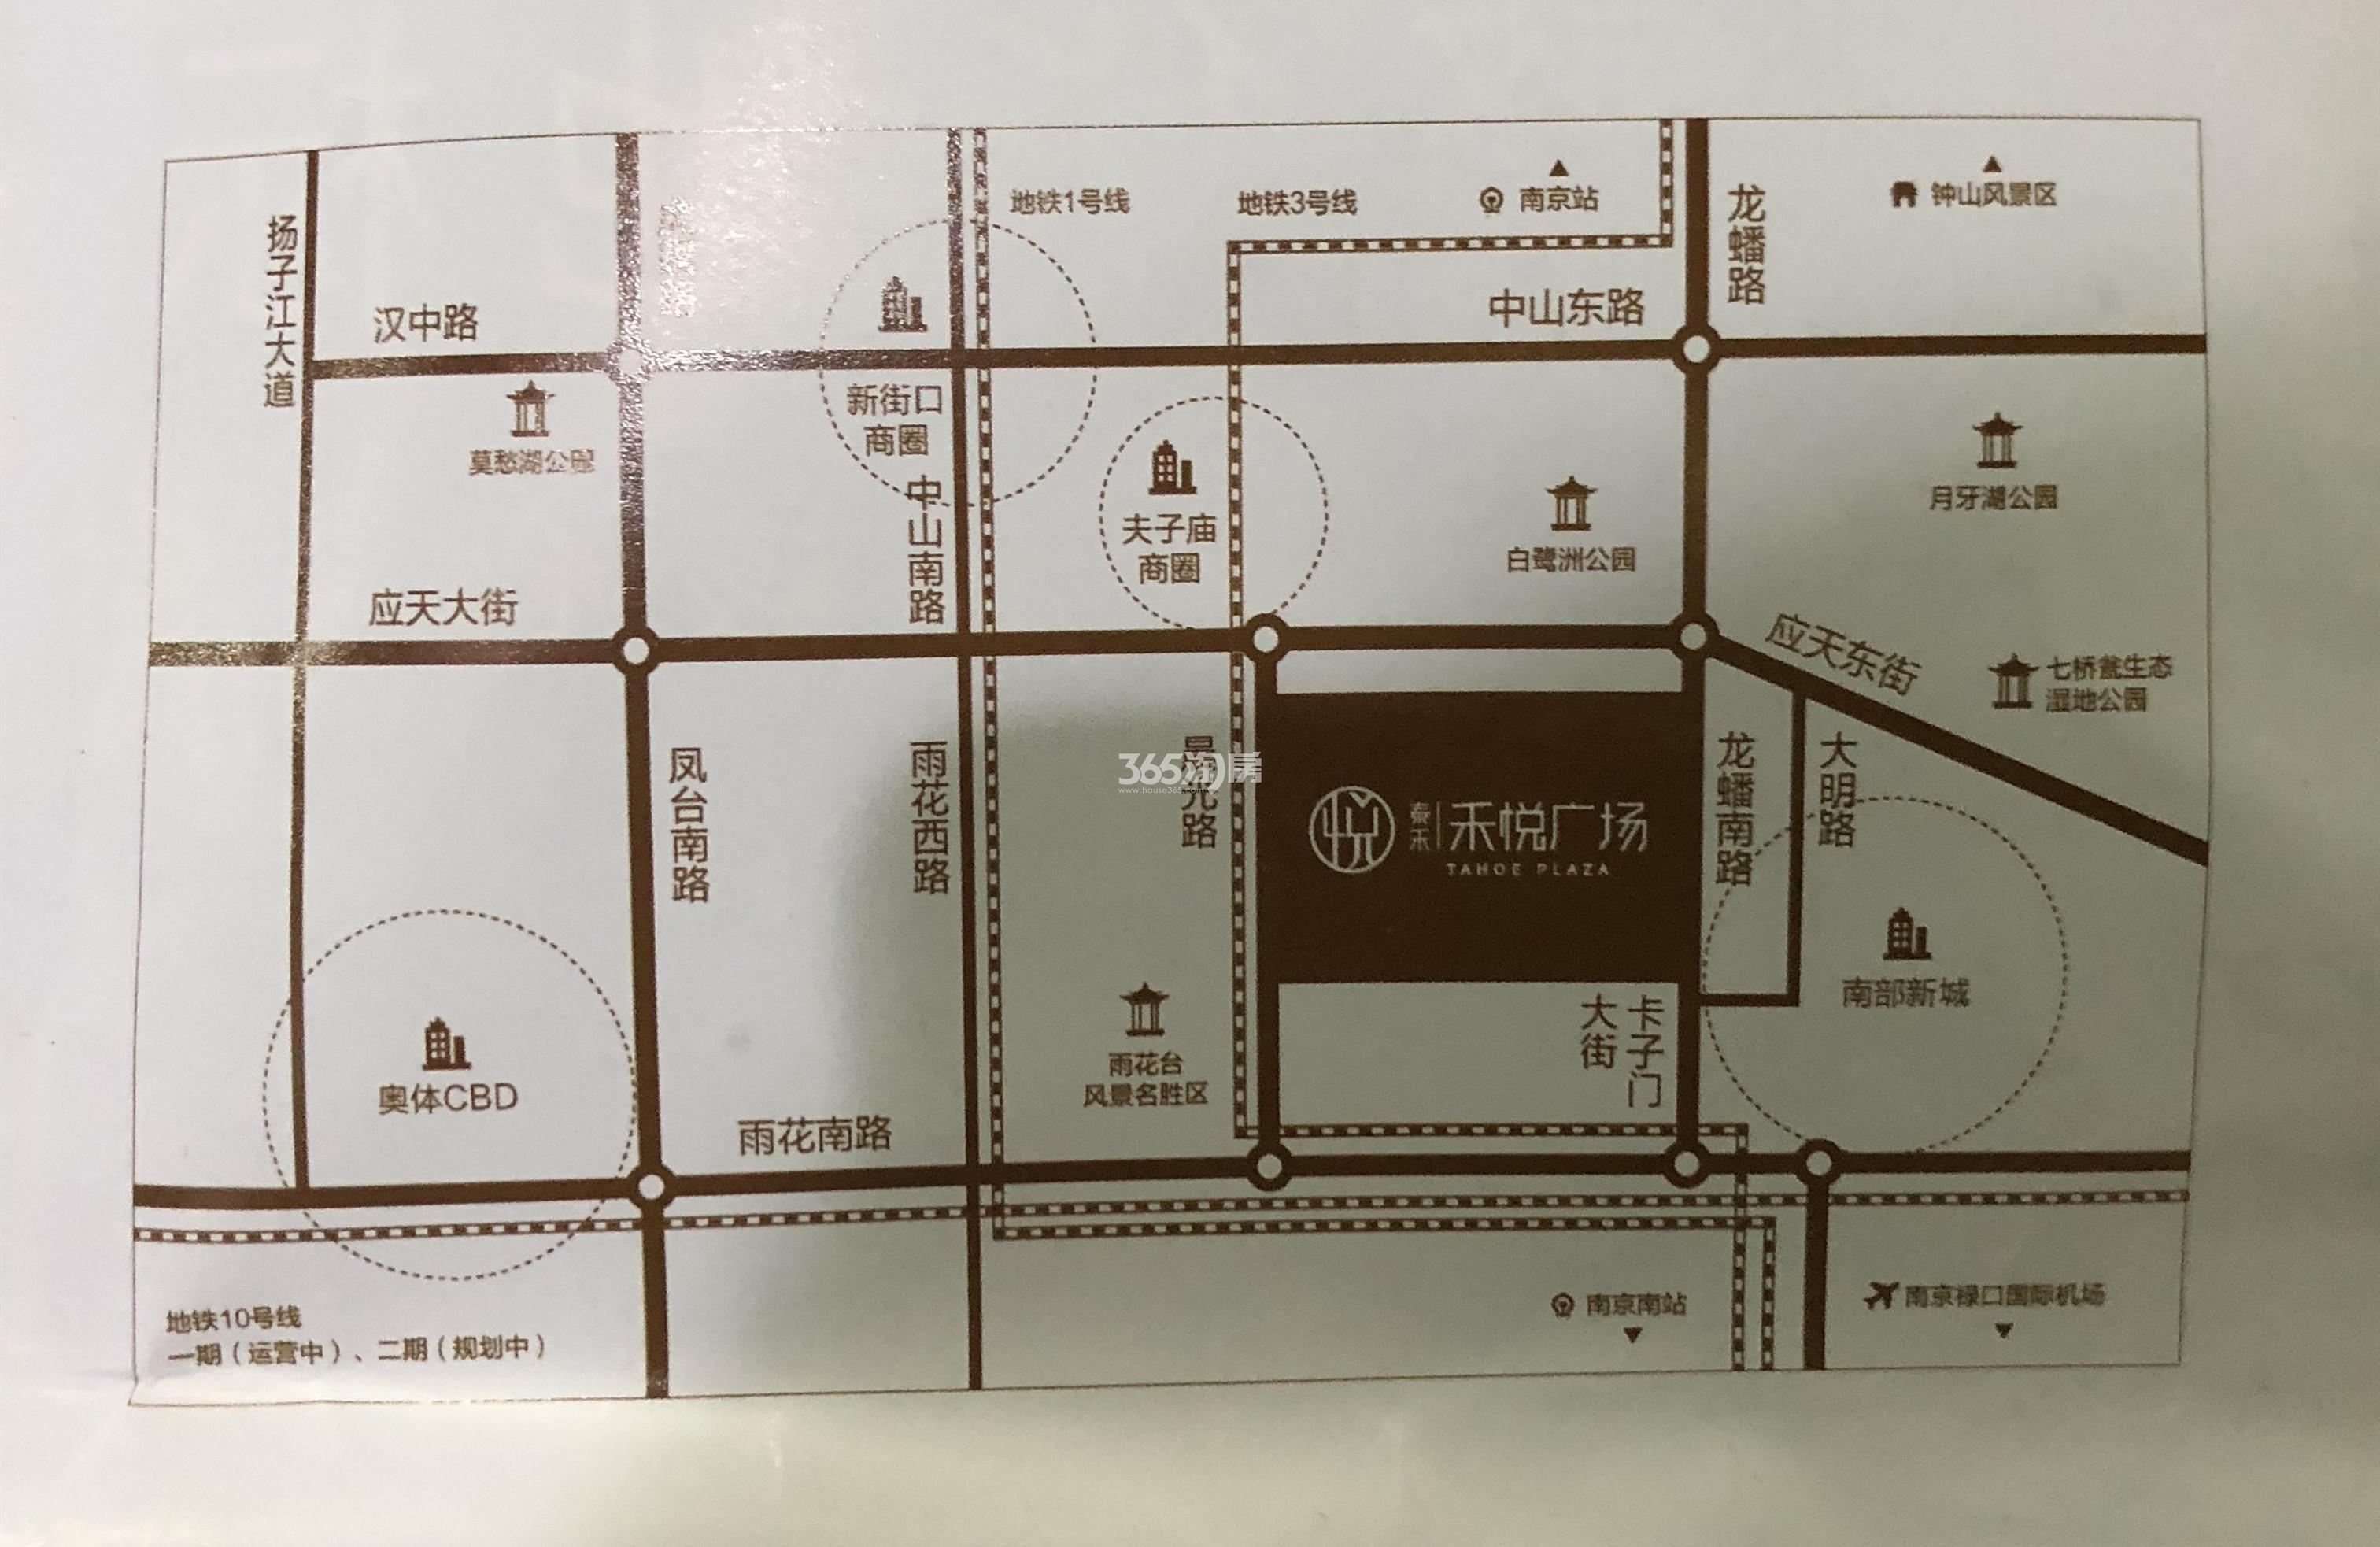 泰禾禾悦广场交通图